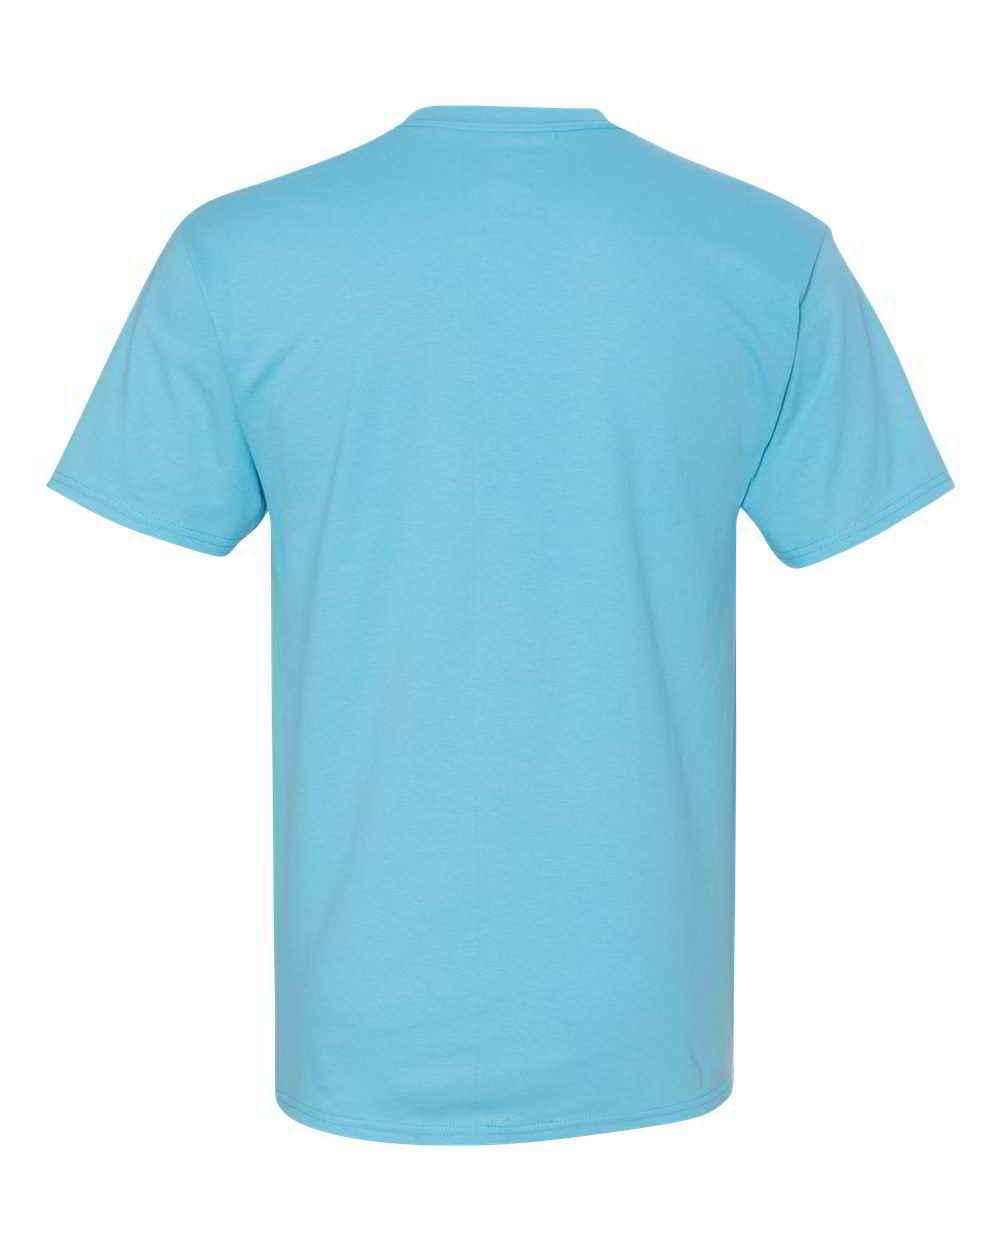 NEW Hanes Mens Short Sleeve Tees Tops Tagless More Colors T-Shirt 5250